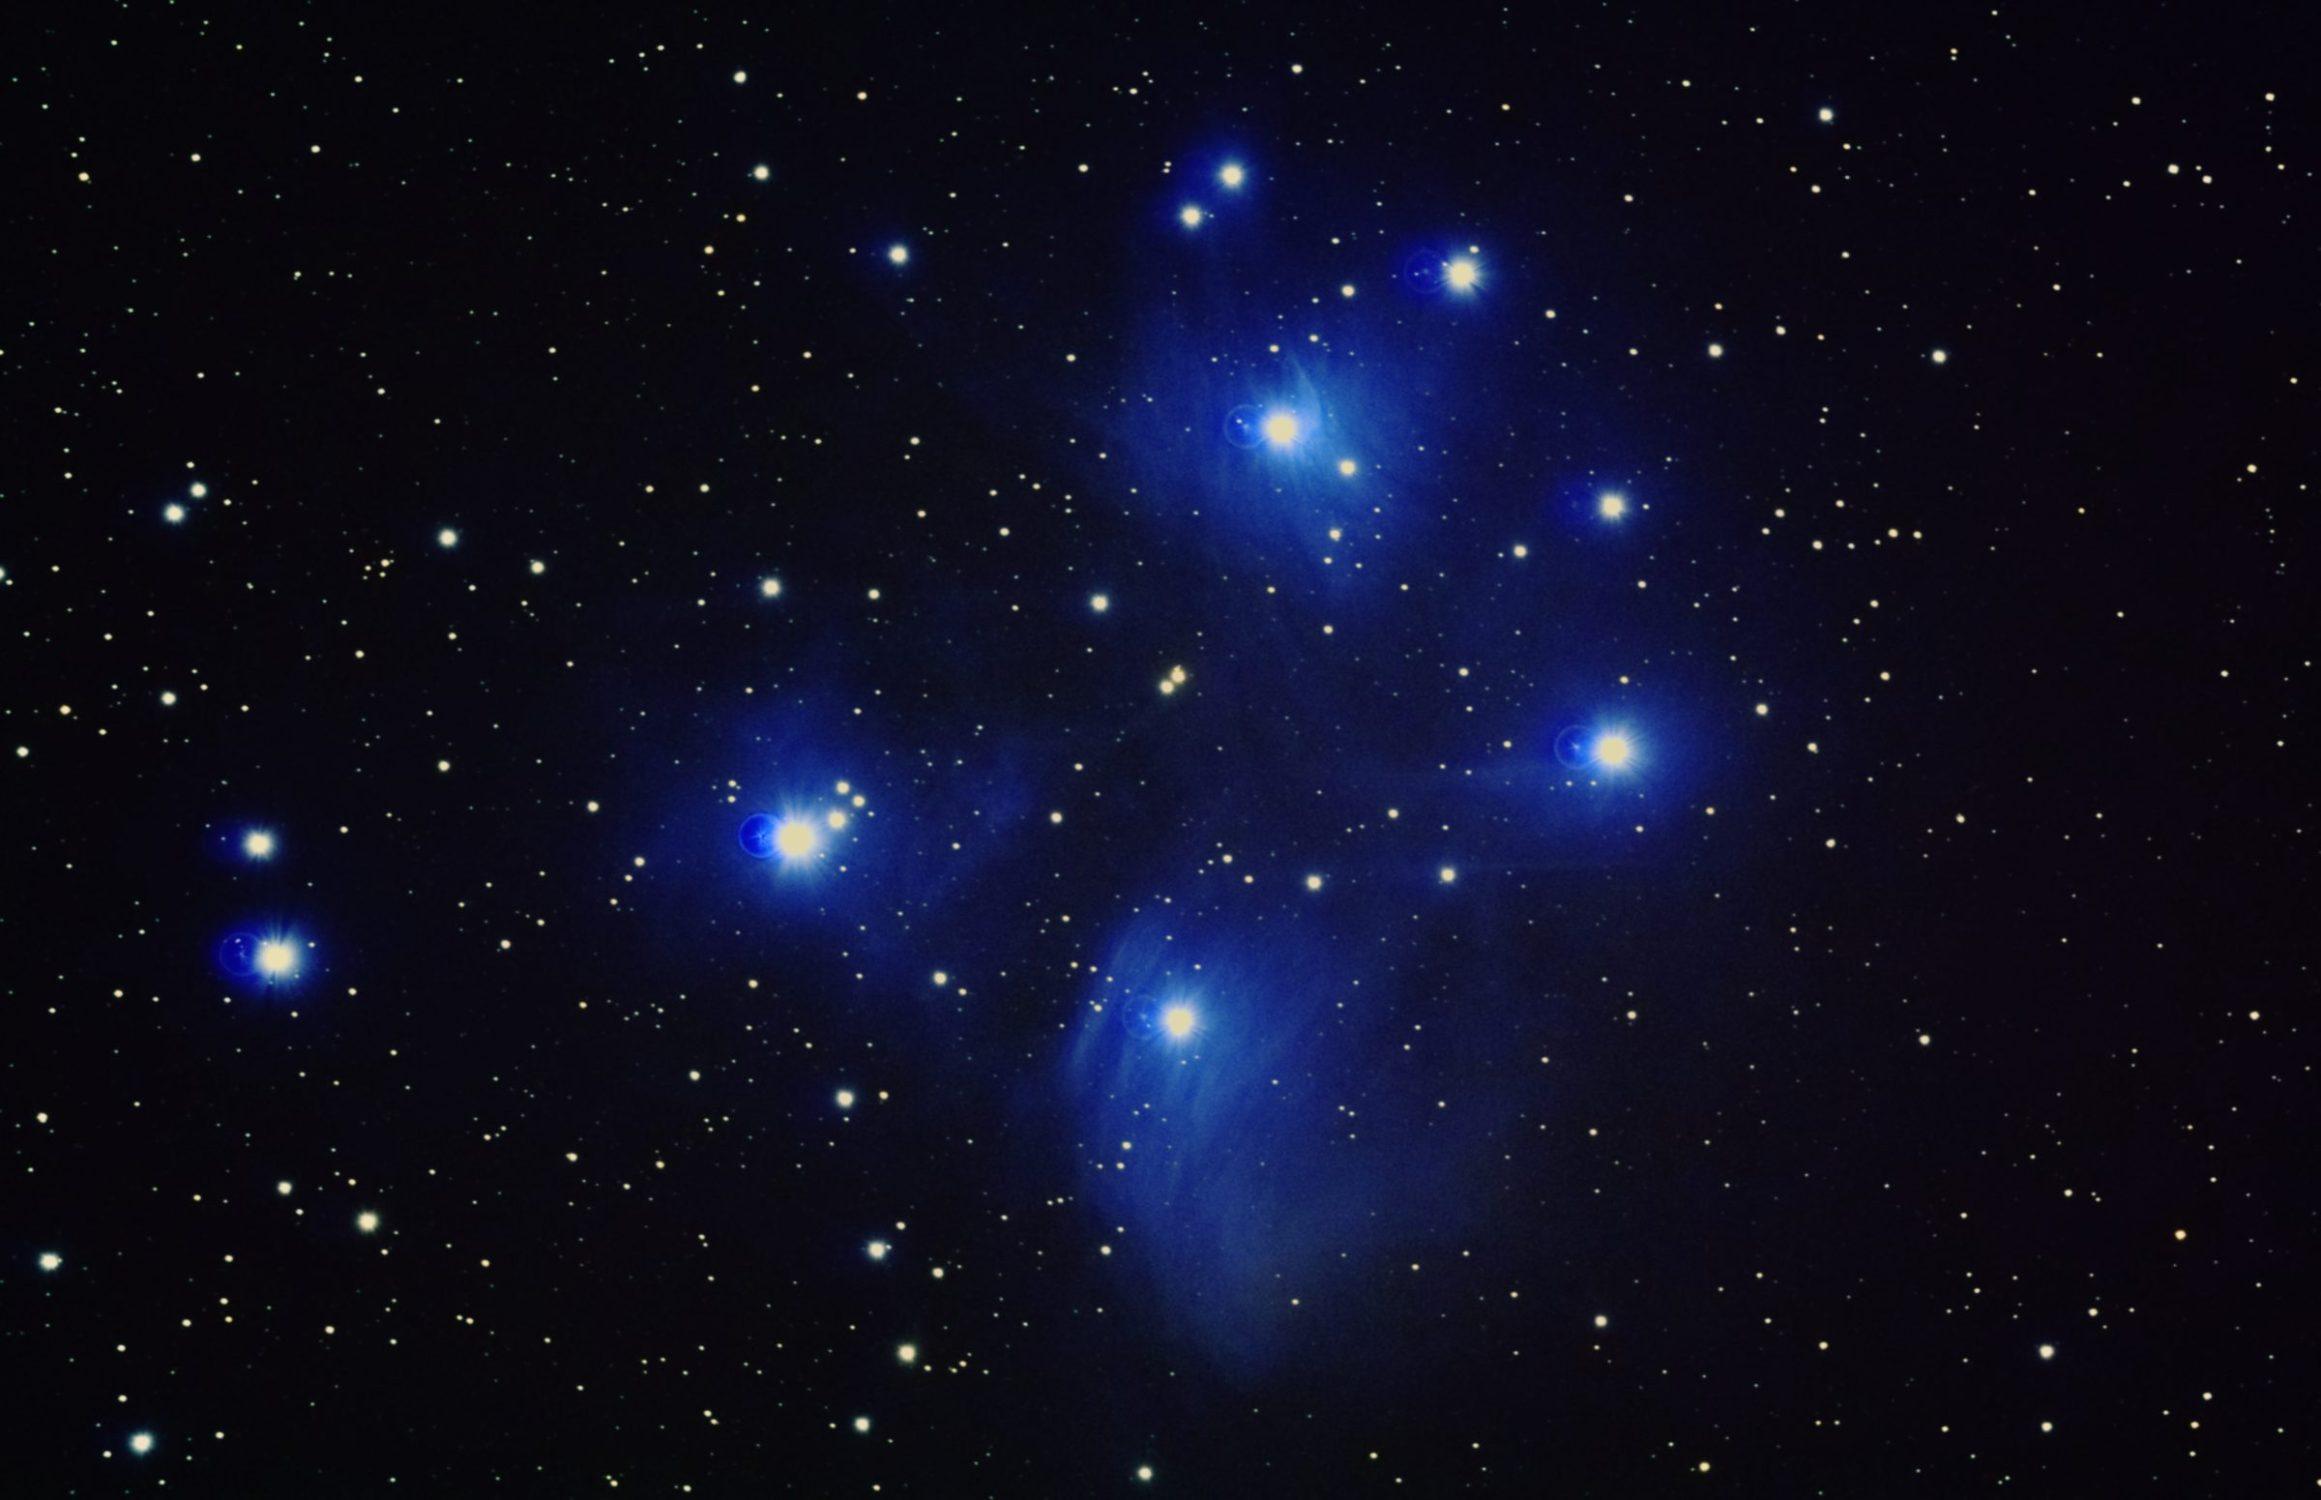 口径15.2cm反射望遠鏡(LXD-55)/F5/PENTAX-KP/ISO25600/カメラダーク/フラットエイドでフラット/リアルレゾリューションON/露出20秒×4枚を加算平均コンポジットした2017年11月15日22時28分48秒から撮影したM45(すばる・プレアデス星団)のメシエ天体写真です。